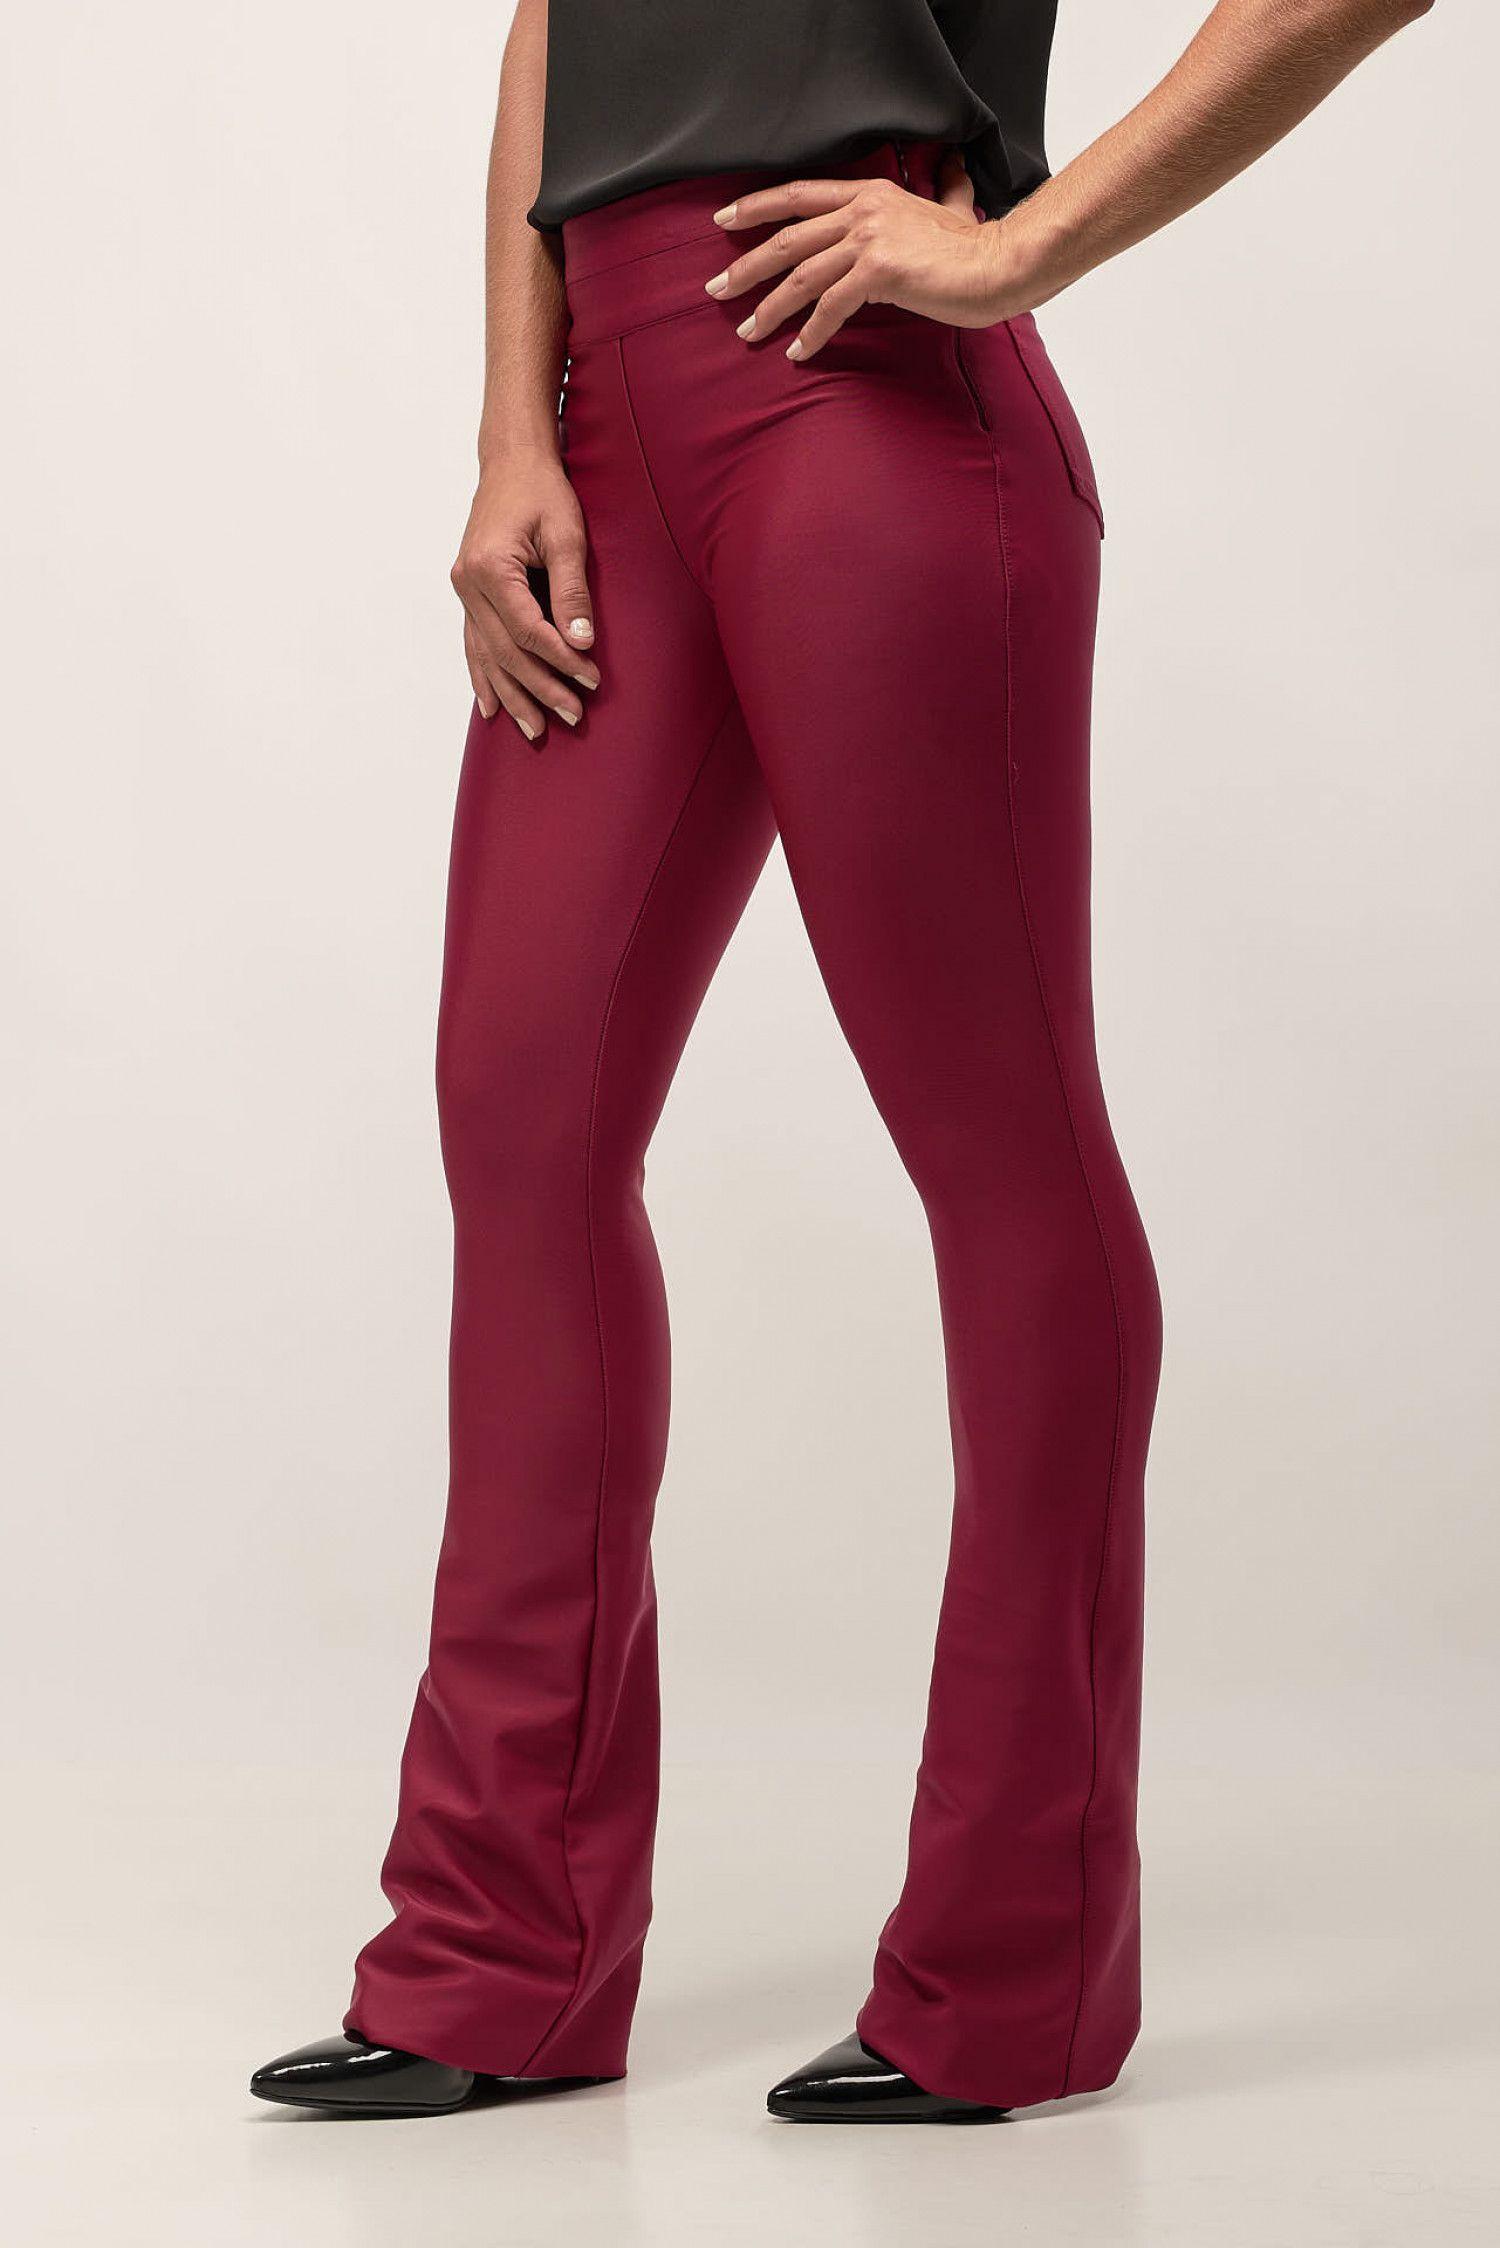 74549db71 Calça Flare Cyber Dante Pink - SHOP NOW - Calça confeccionada em poliamida  com elastano.